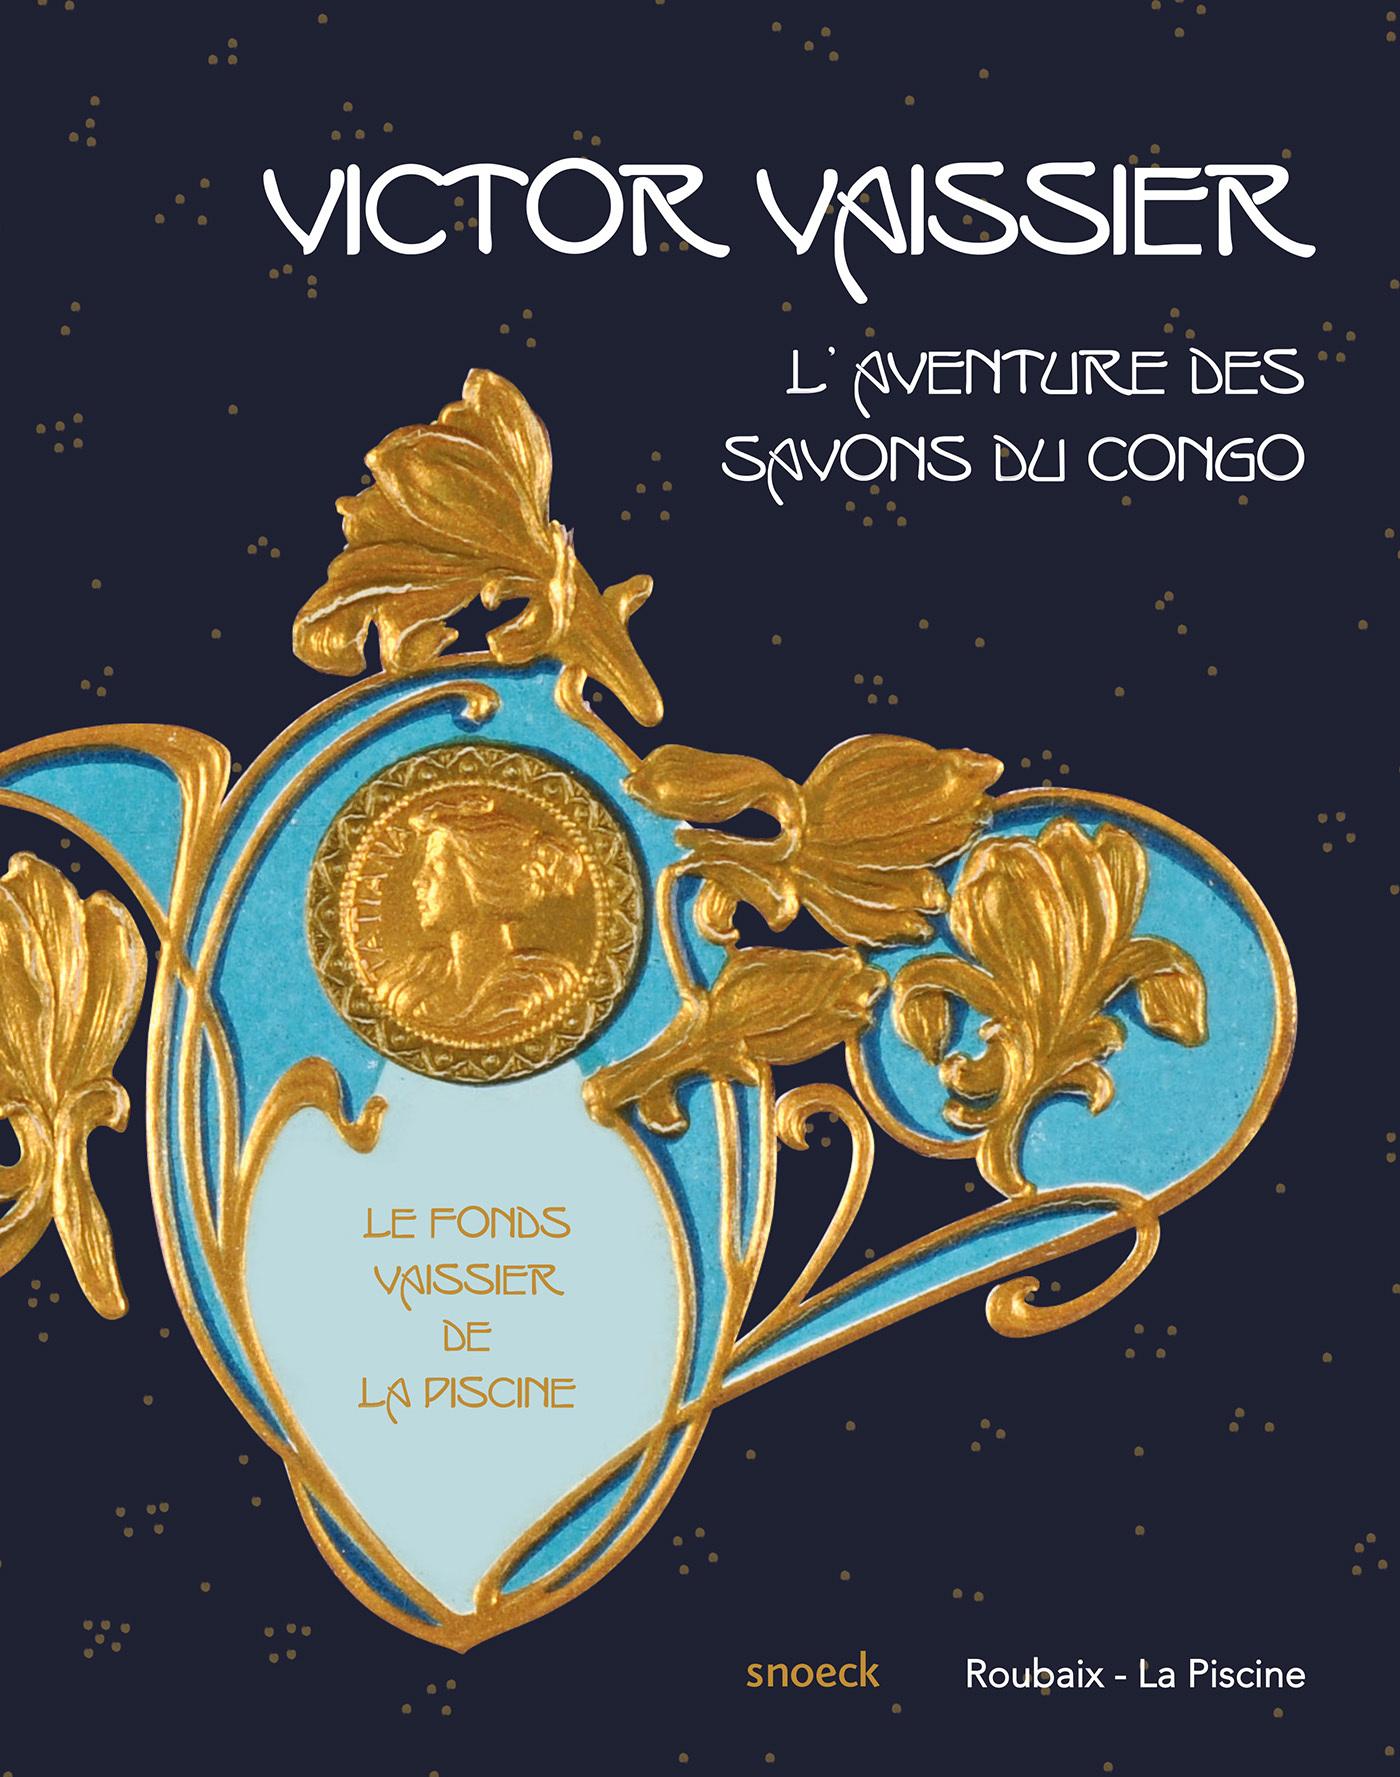 VICTOR VAISSIER, 1851-1923 ET L'AVENTURE DES SAVONS DU CONGO LE FONDS VAISSIER DE LA PISCINE - [EXPO